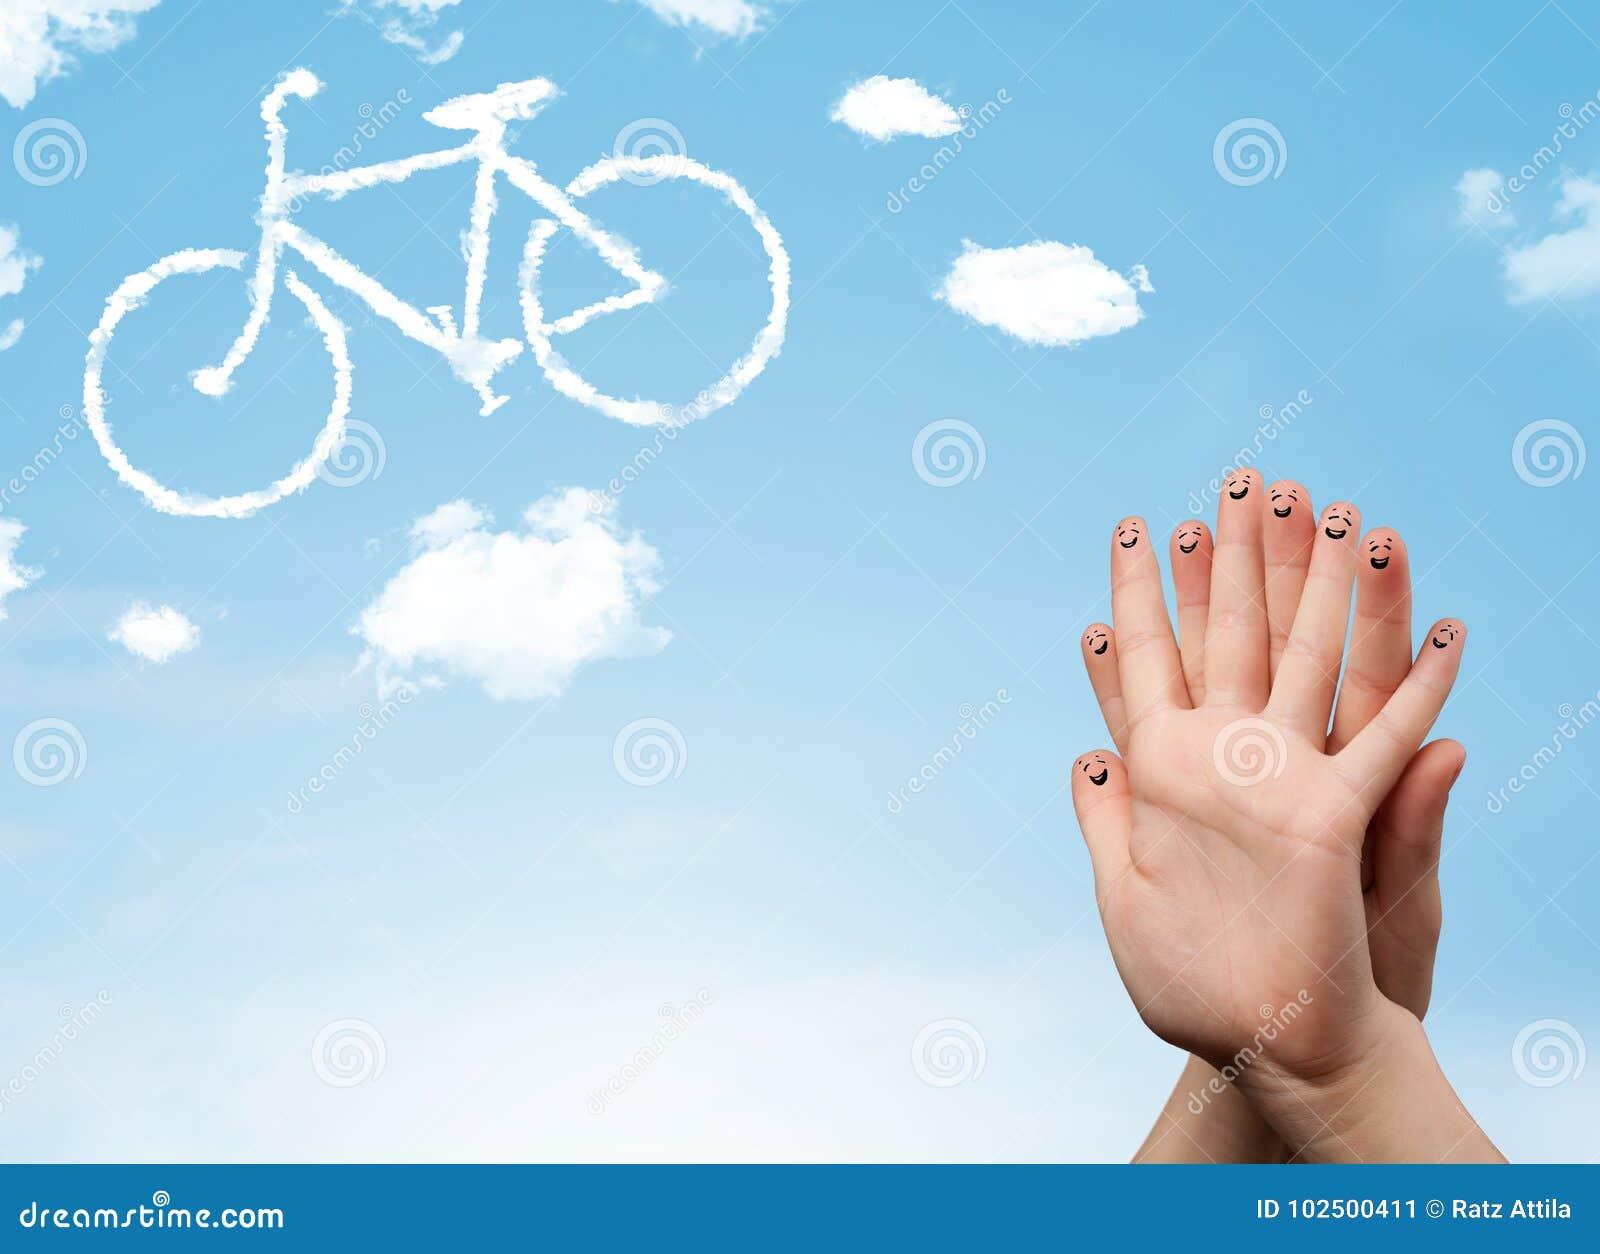 Die glücklichen smileyfinger, die ein Fahrrad betrachten, shapeed Wolke